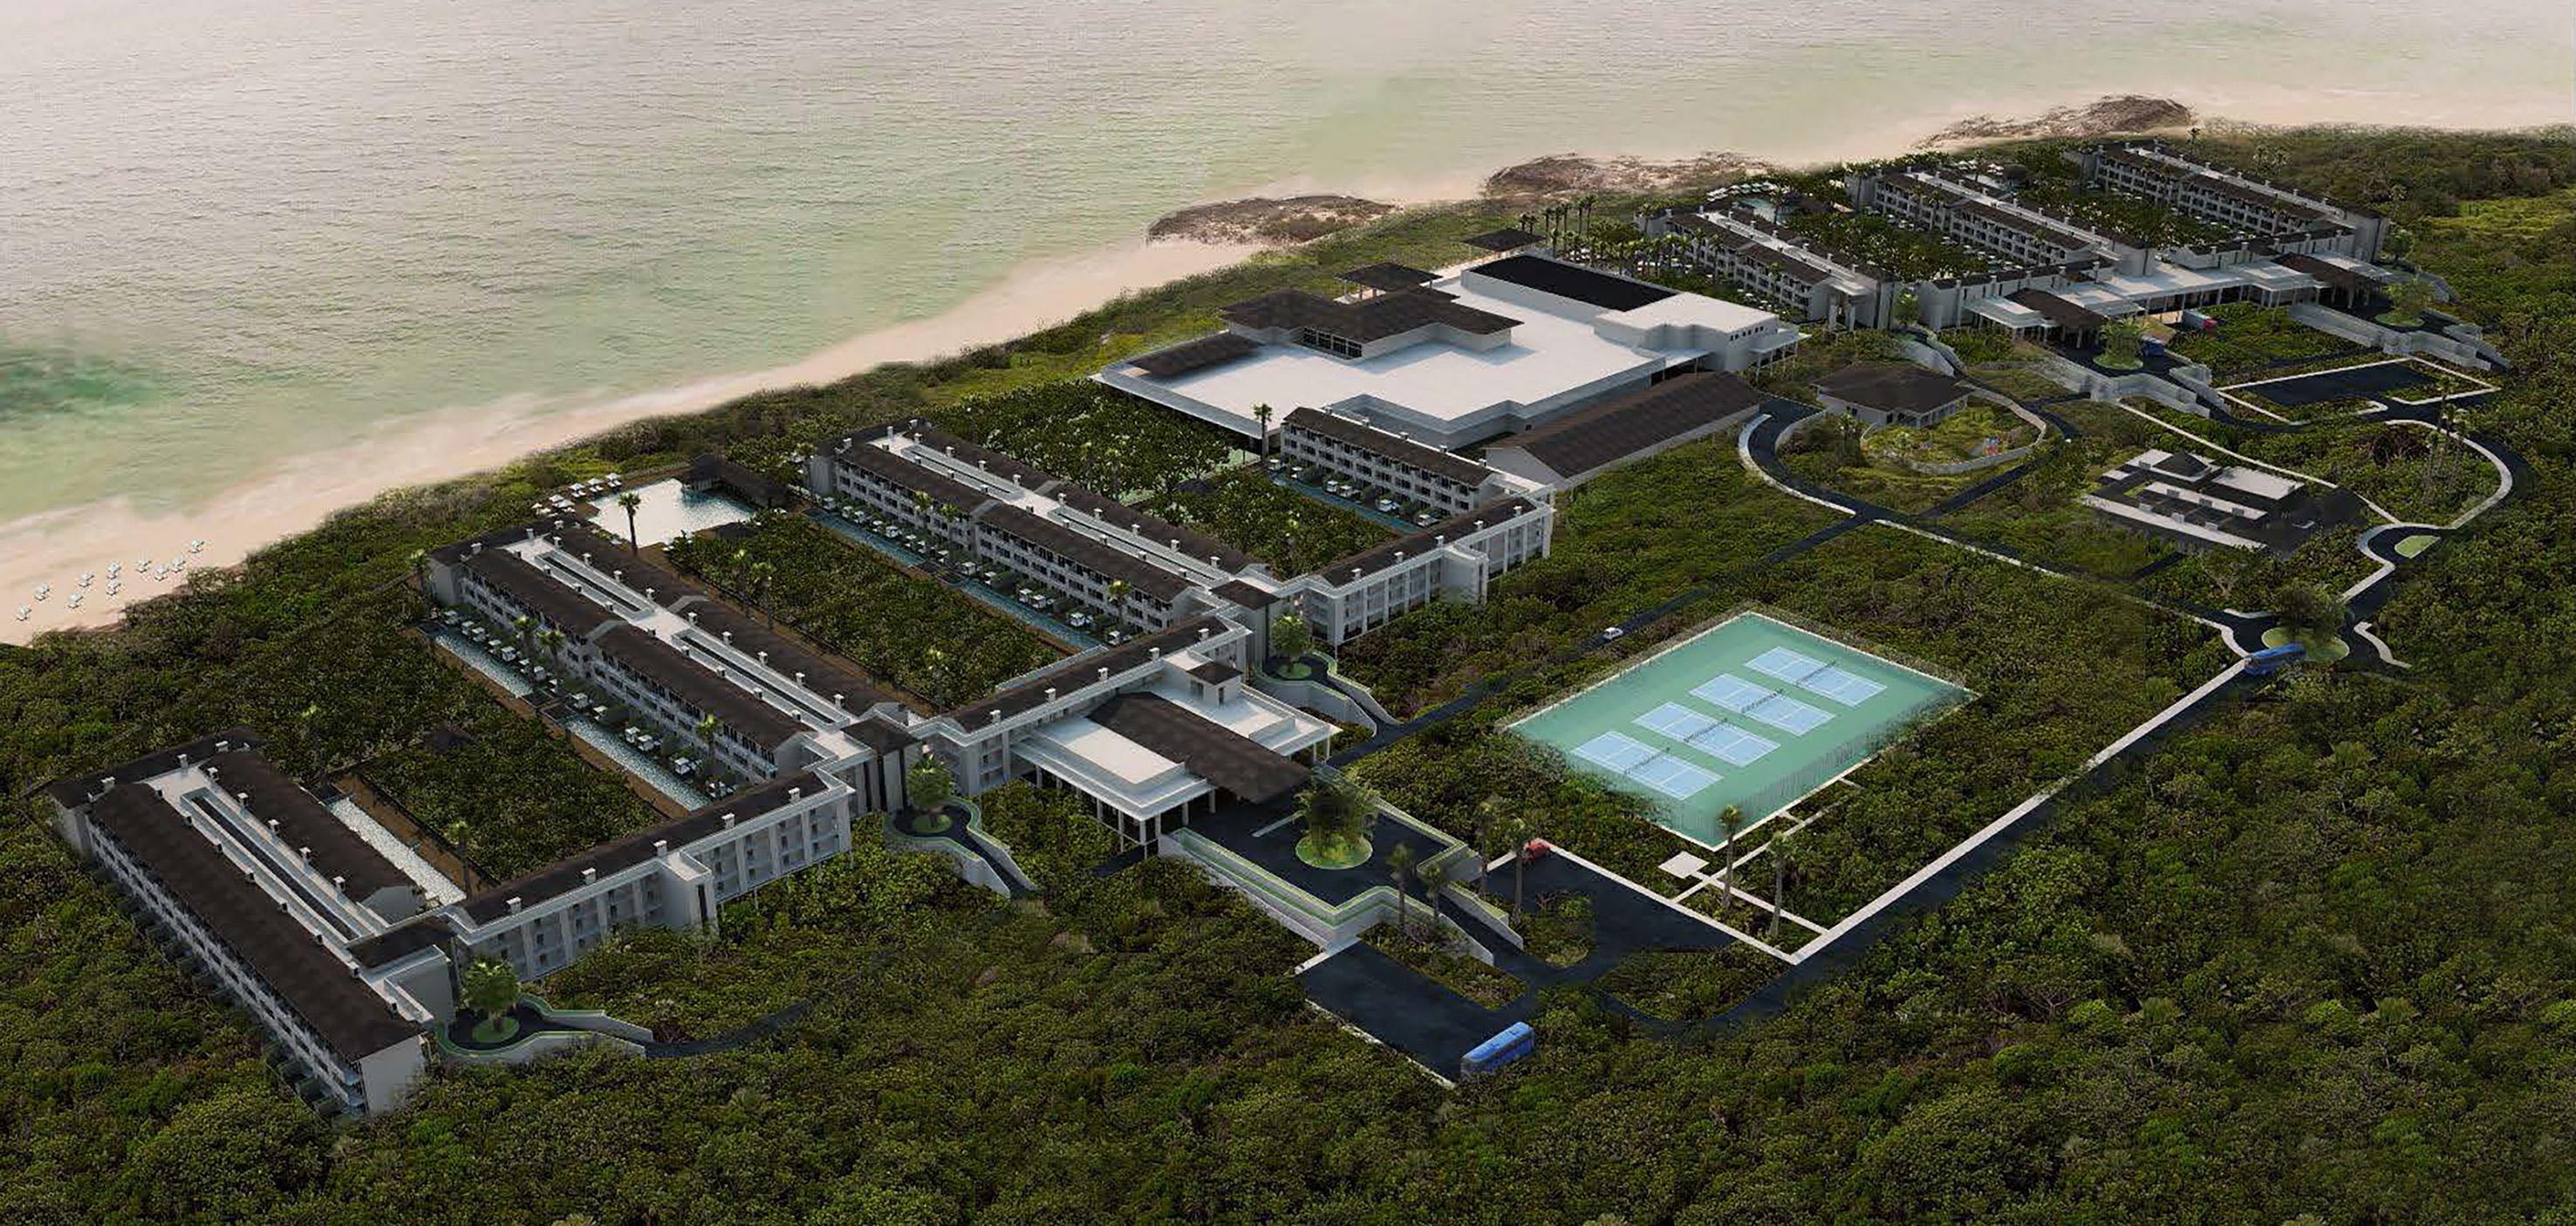 Meliá incorpora nuevos hoteles a su portafolio en Cuba